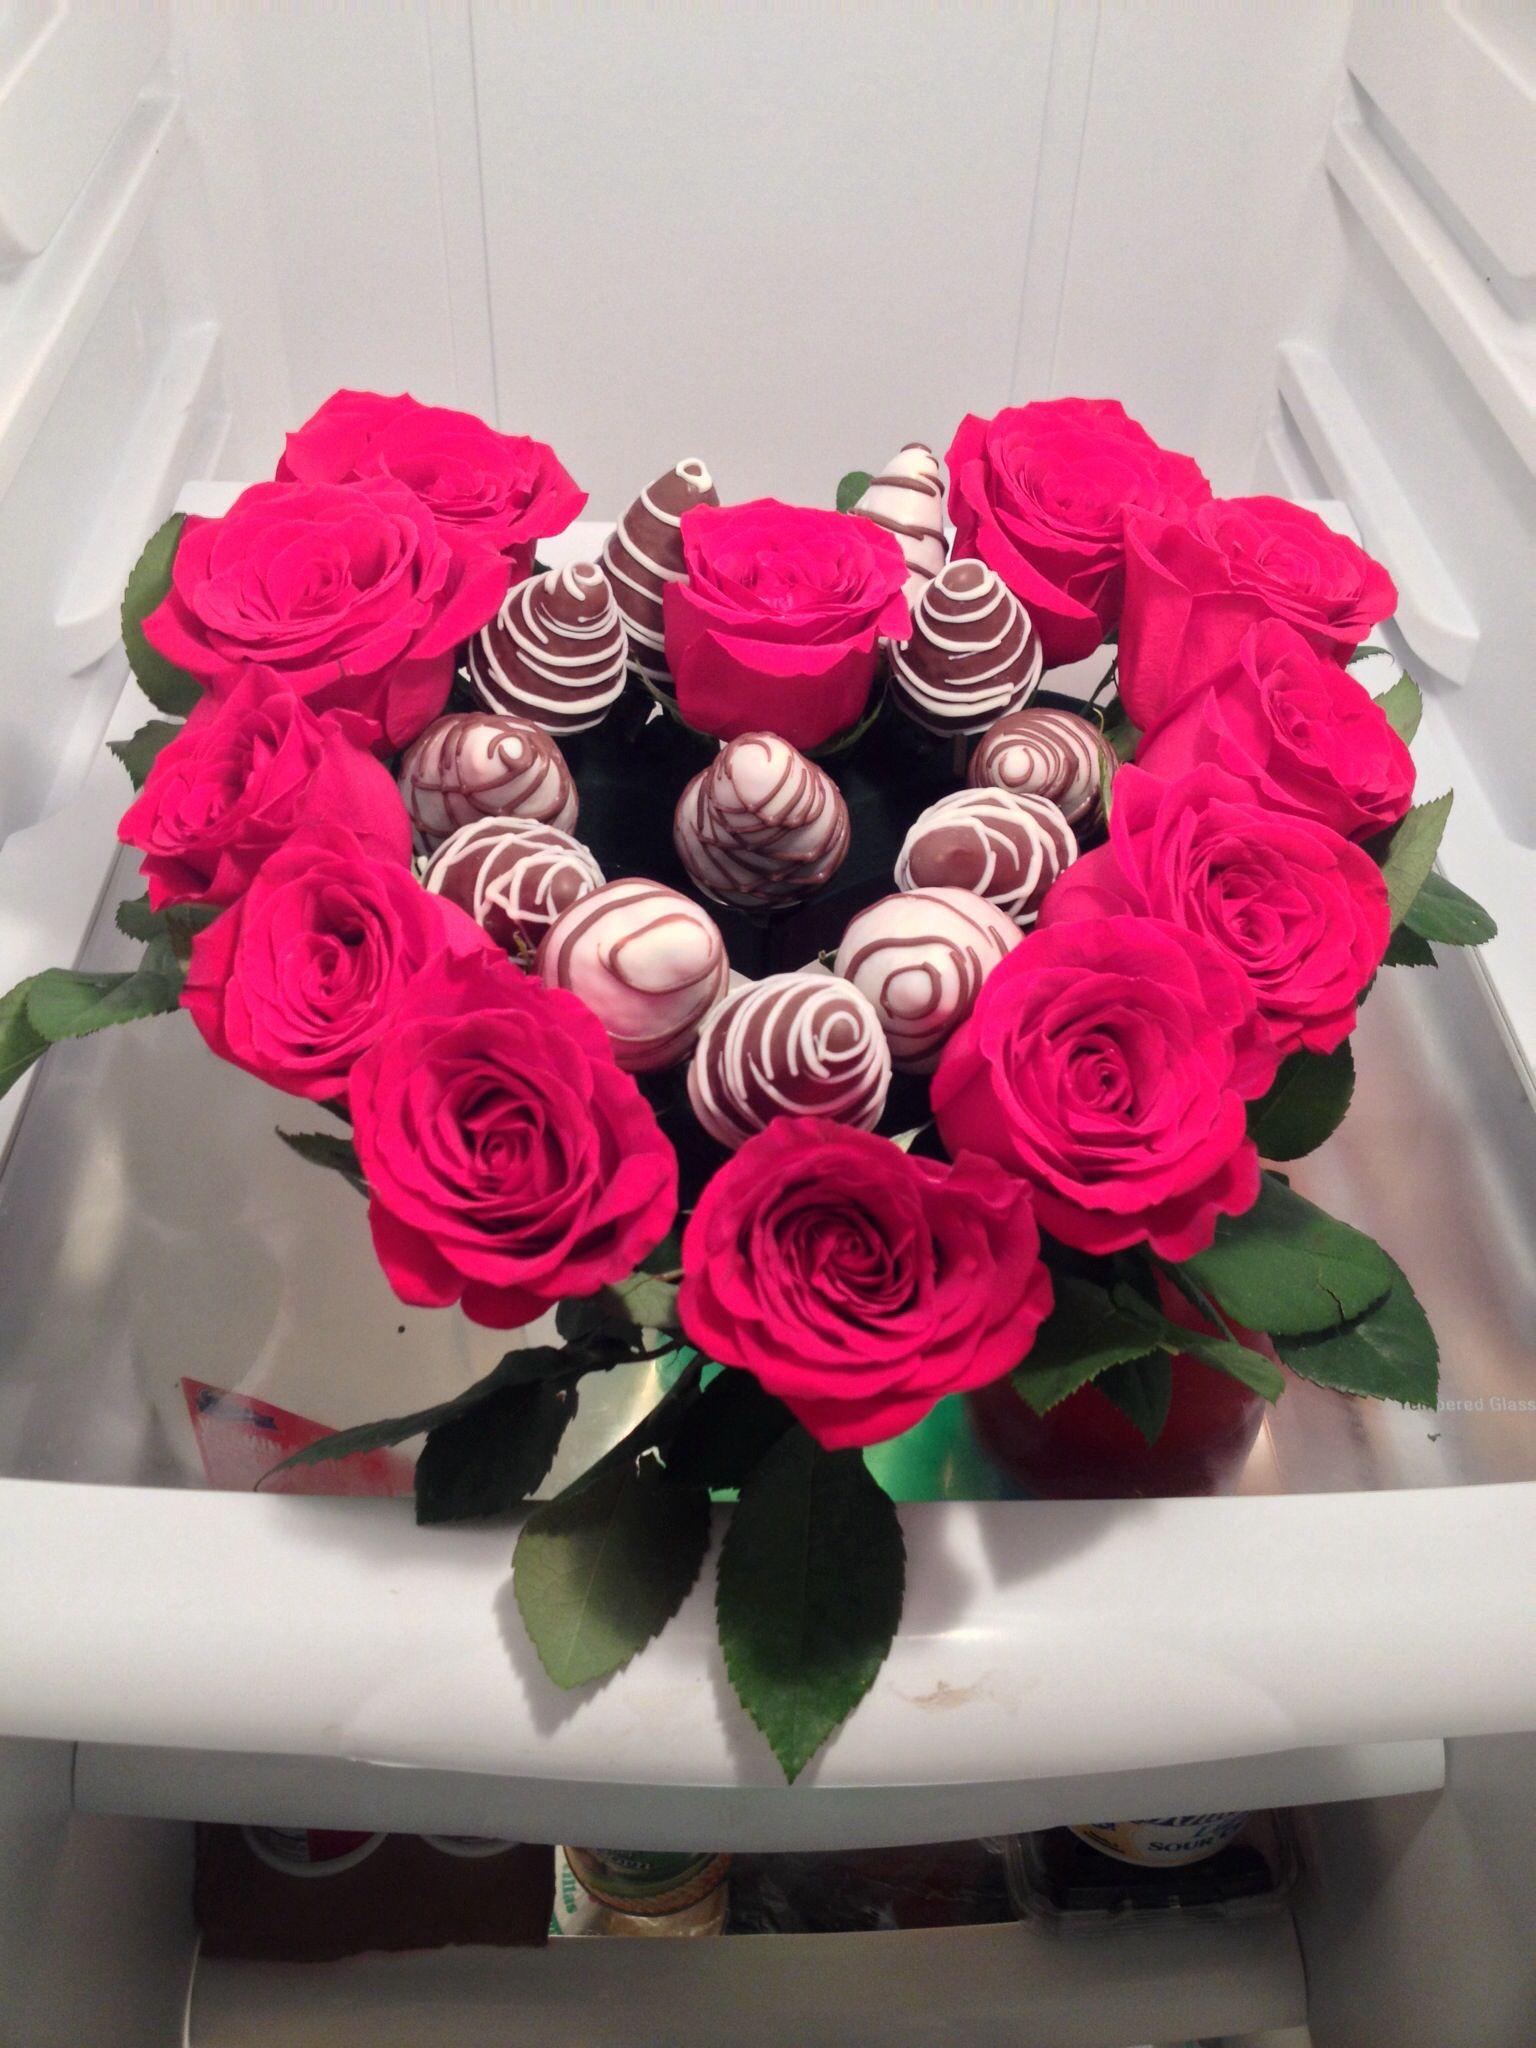 1dozen chocolate covered strawberries 1dozen red roses | Chocolate ...